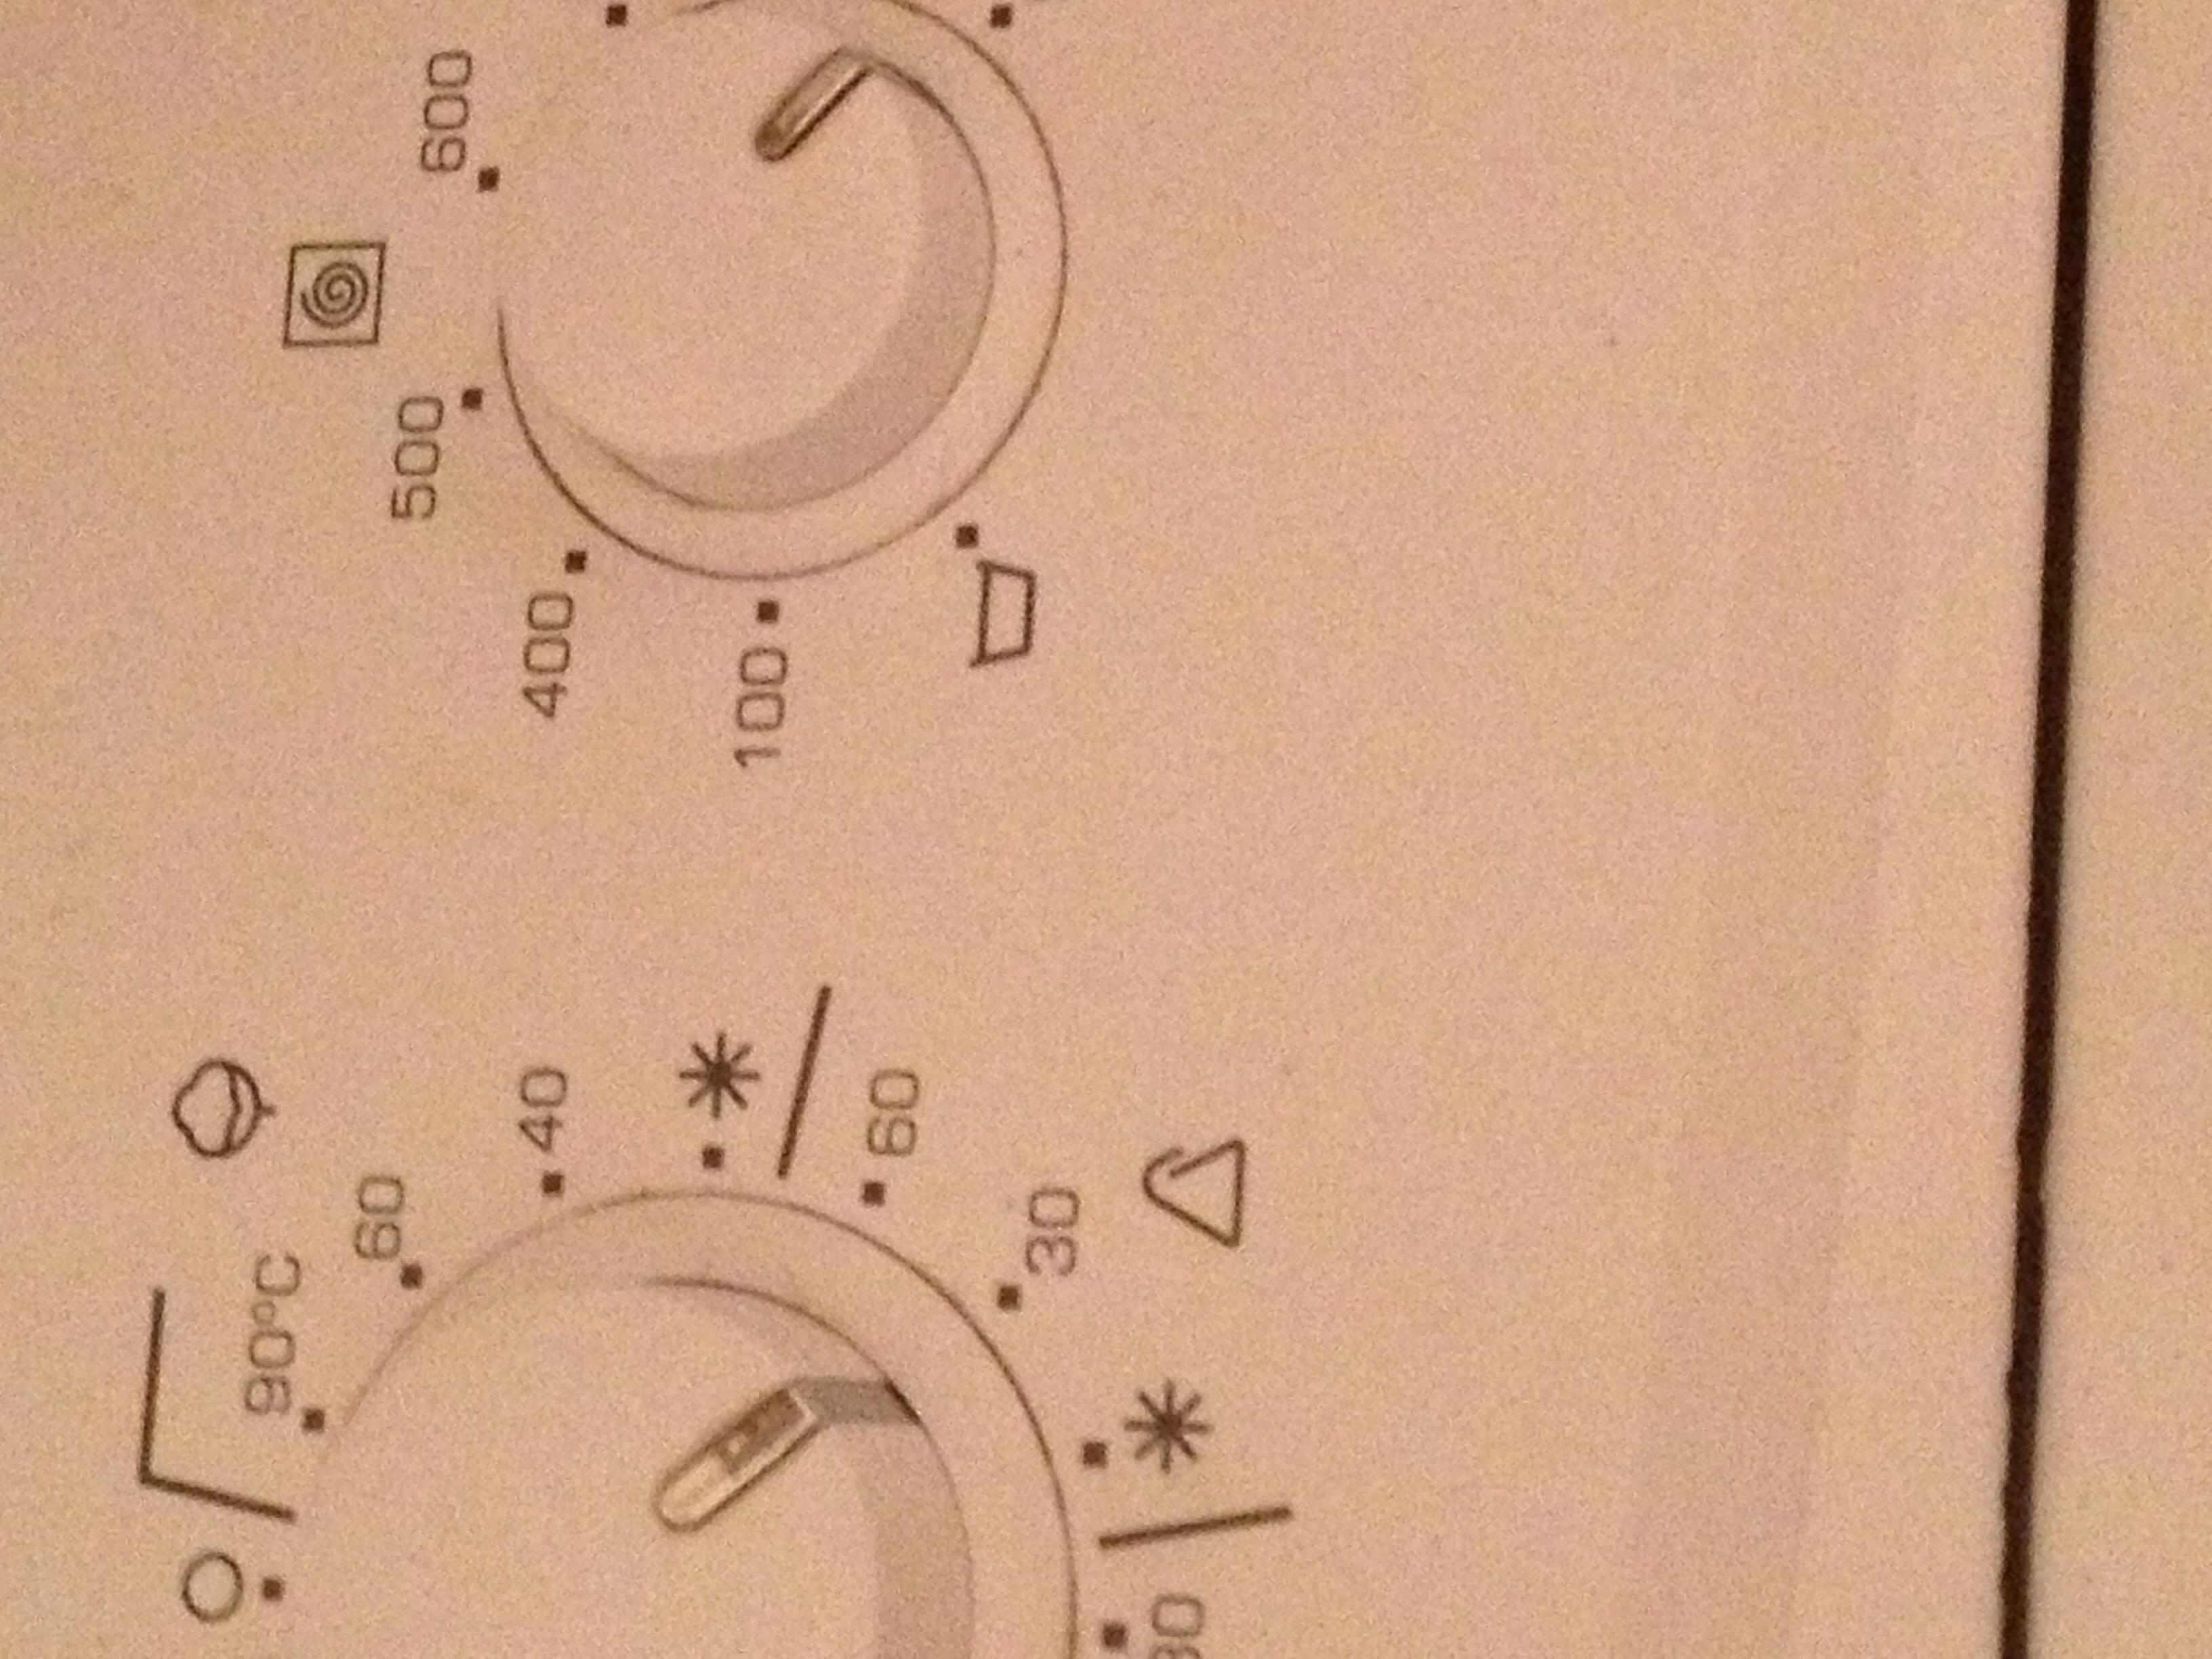 wie hei t das zeichen auf der waschmaschine. Black Bedroom Furniture Sets. Home Design Ideas